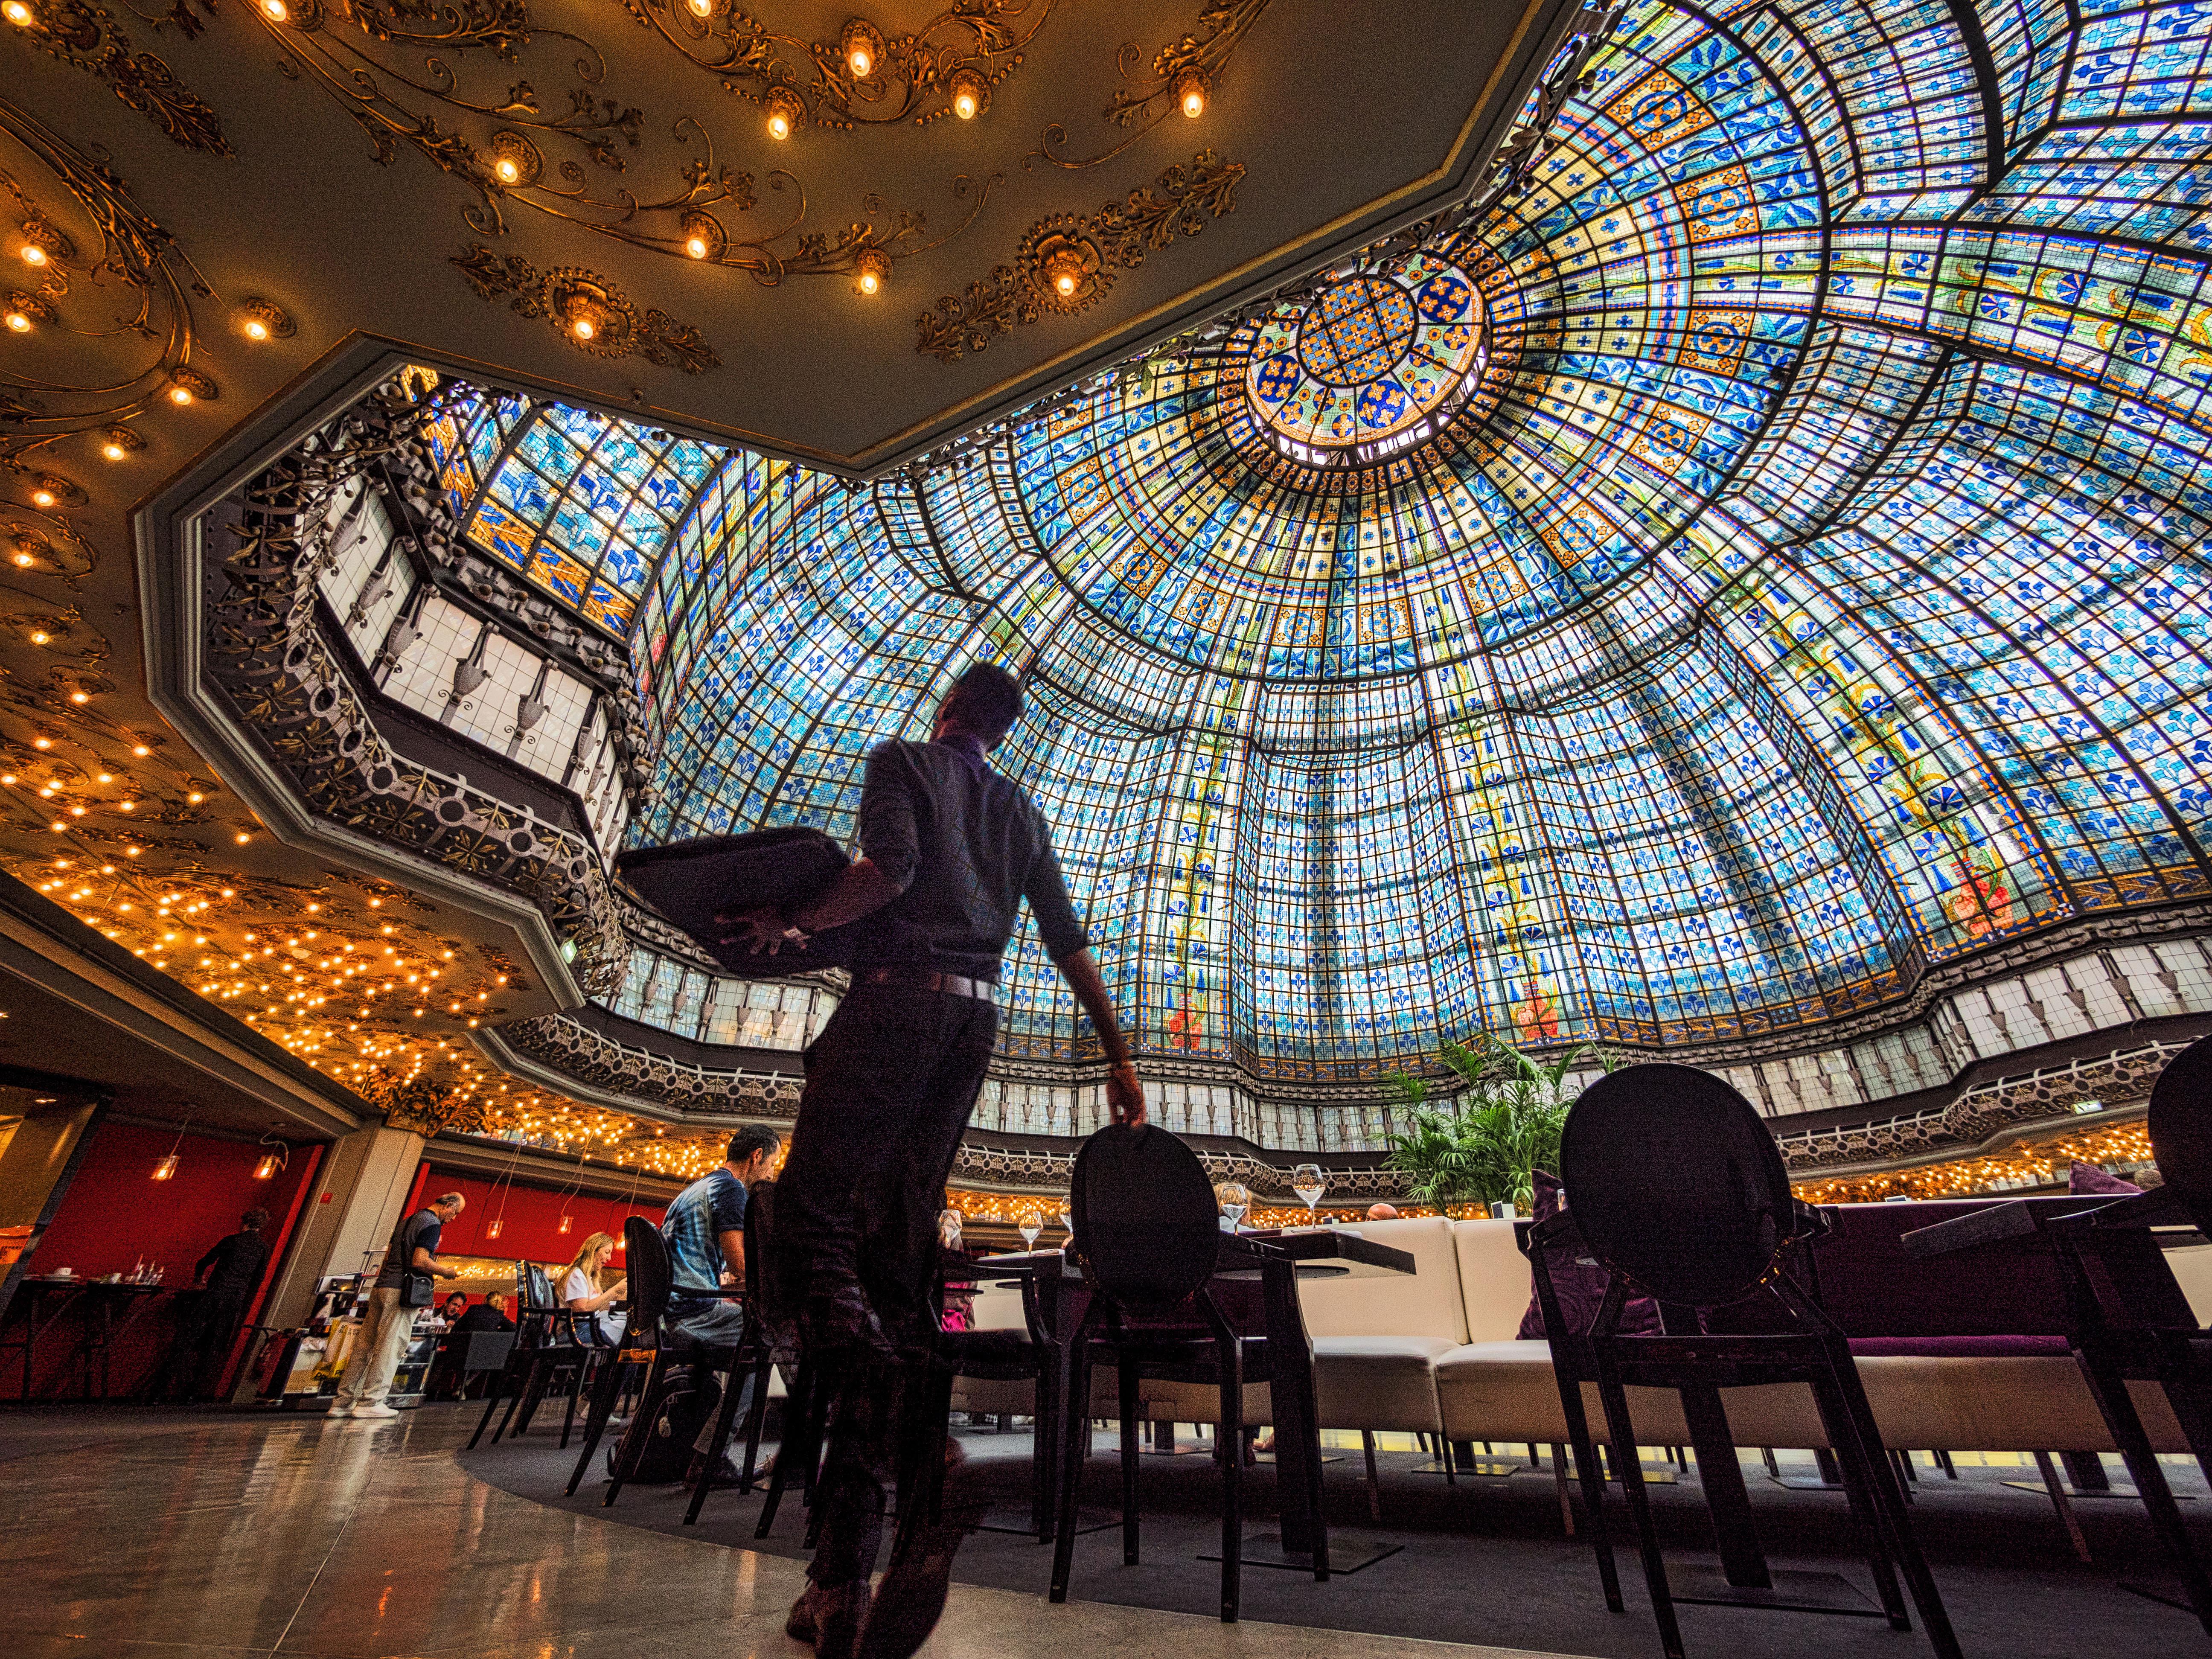 Brasserie Printemps Haussmann%252C sous la coupole du grand magasin%252C serveur avec plateau%252C Paris 2017 Carrousel du Louvre%252C Paris 2017